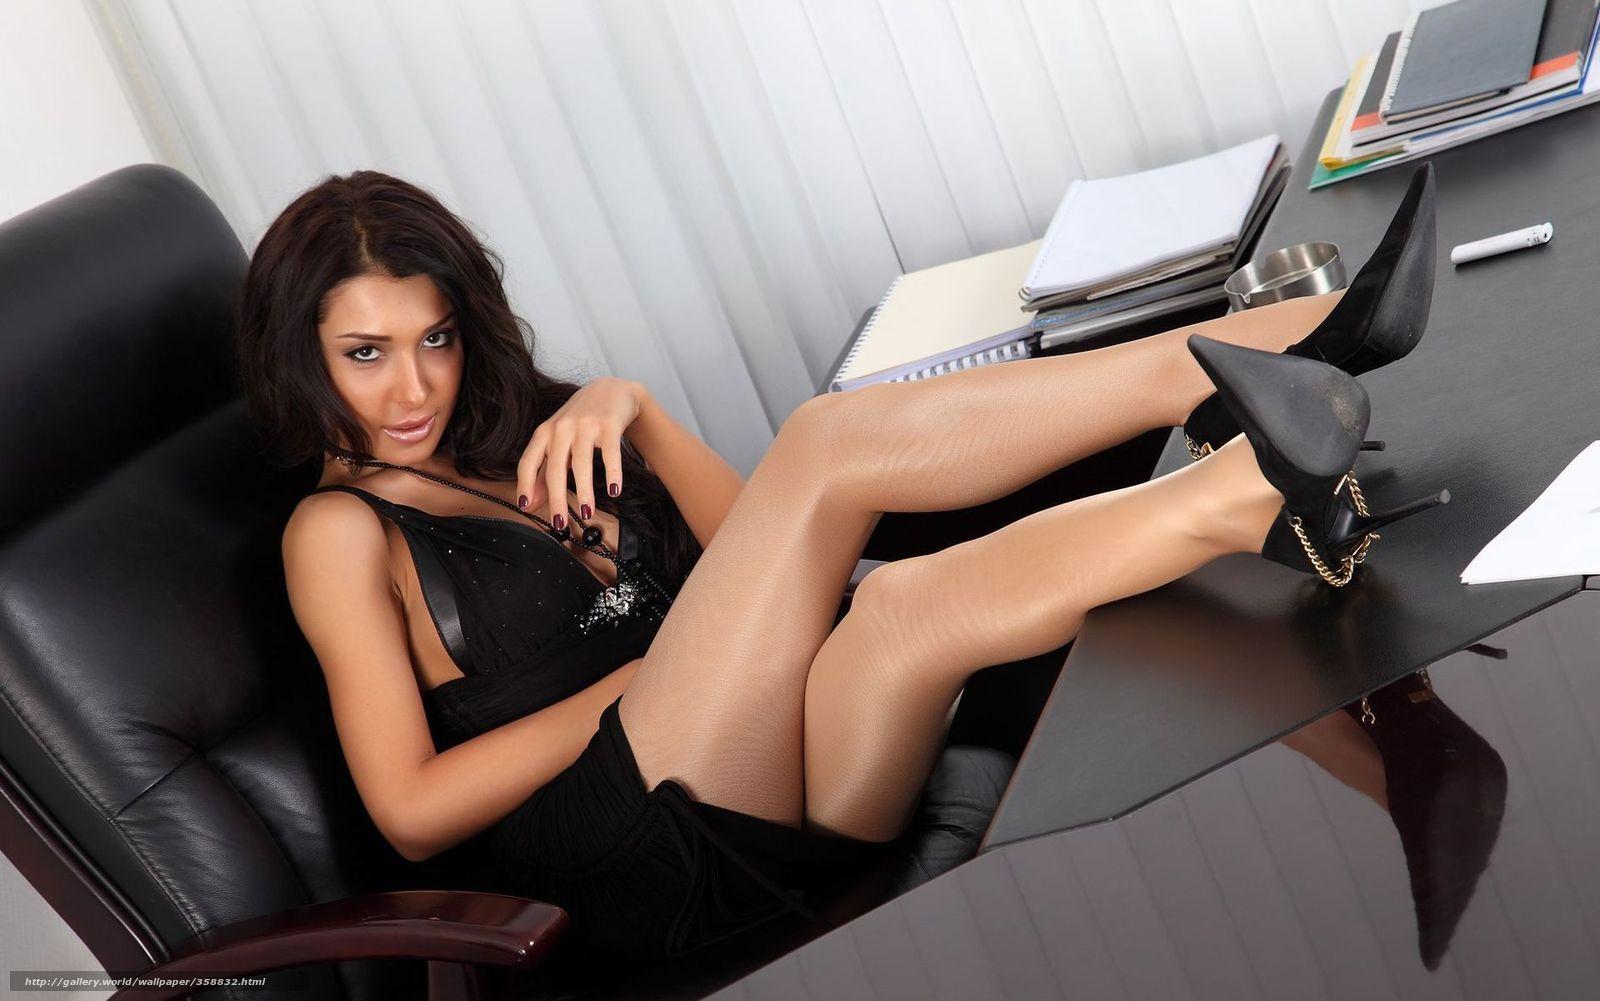 Секретарша в офисе фото 7 фотография